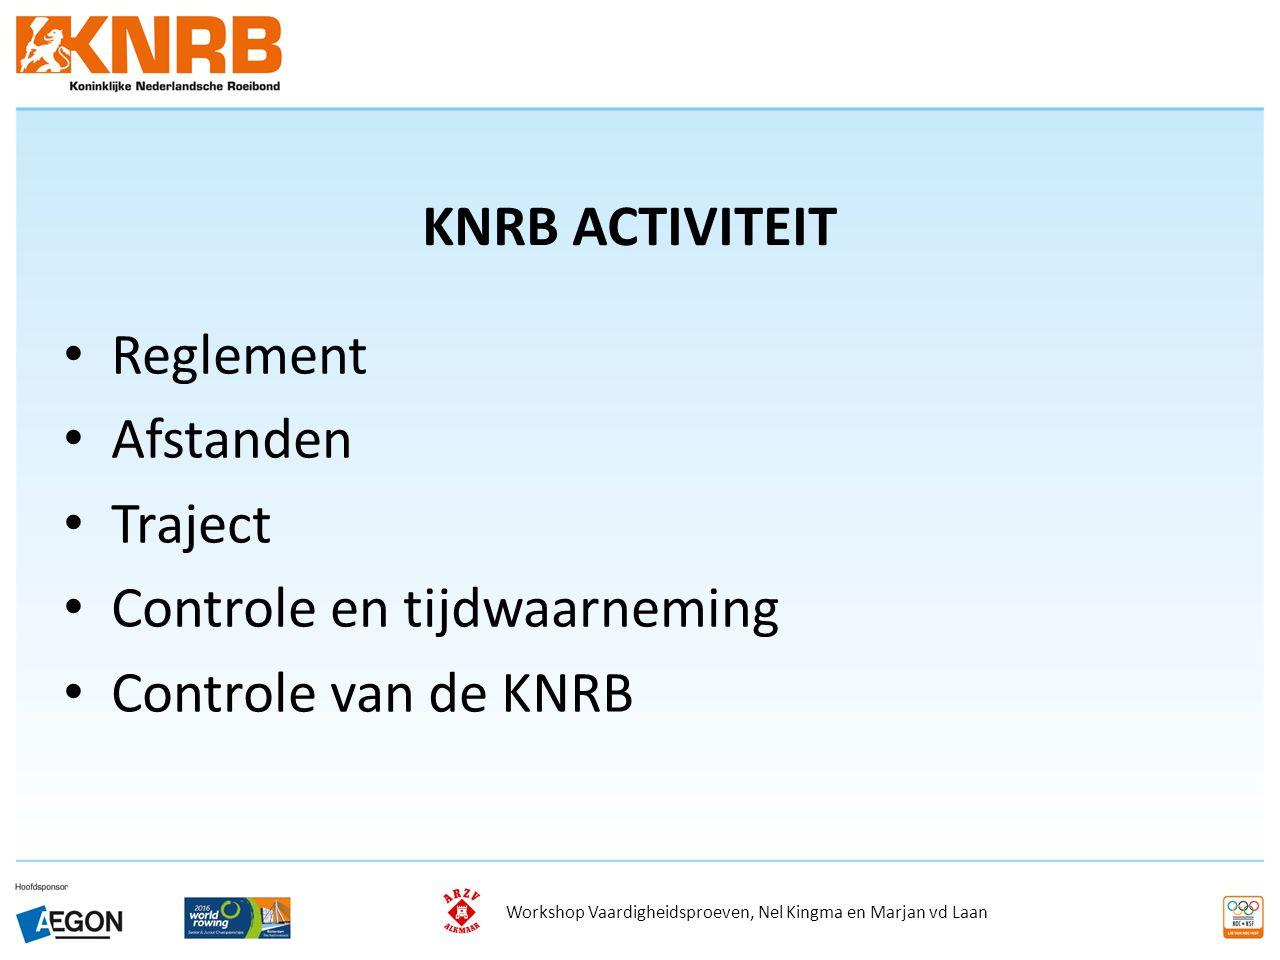 KNRB ACTIVITEIT Reglement Afstanden Traject Controle en tijdwaarneming Controle van de KNRB Workshop Vaardigheidsproeven, Nel Kingma en Marjan vd Laan